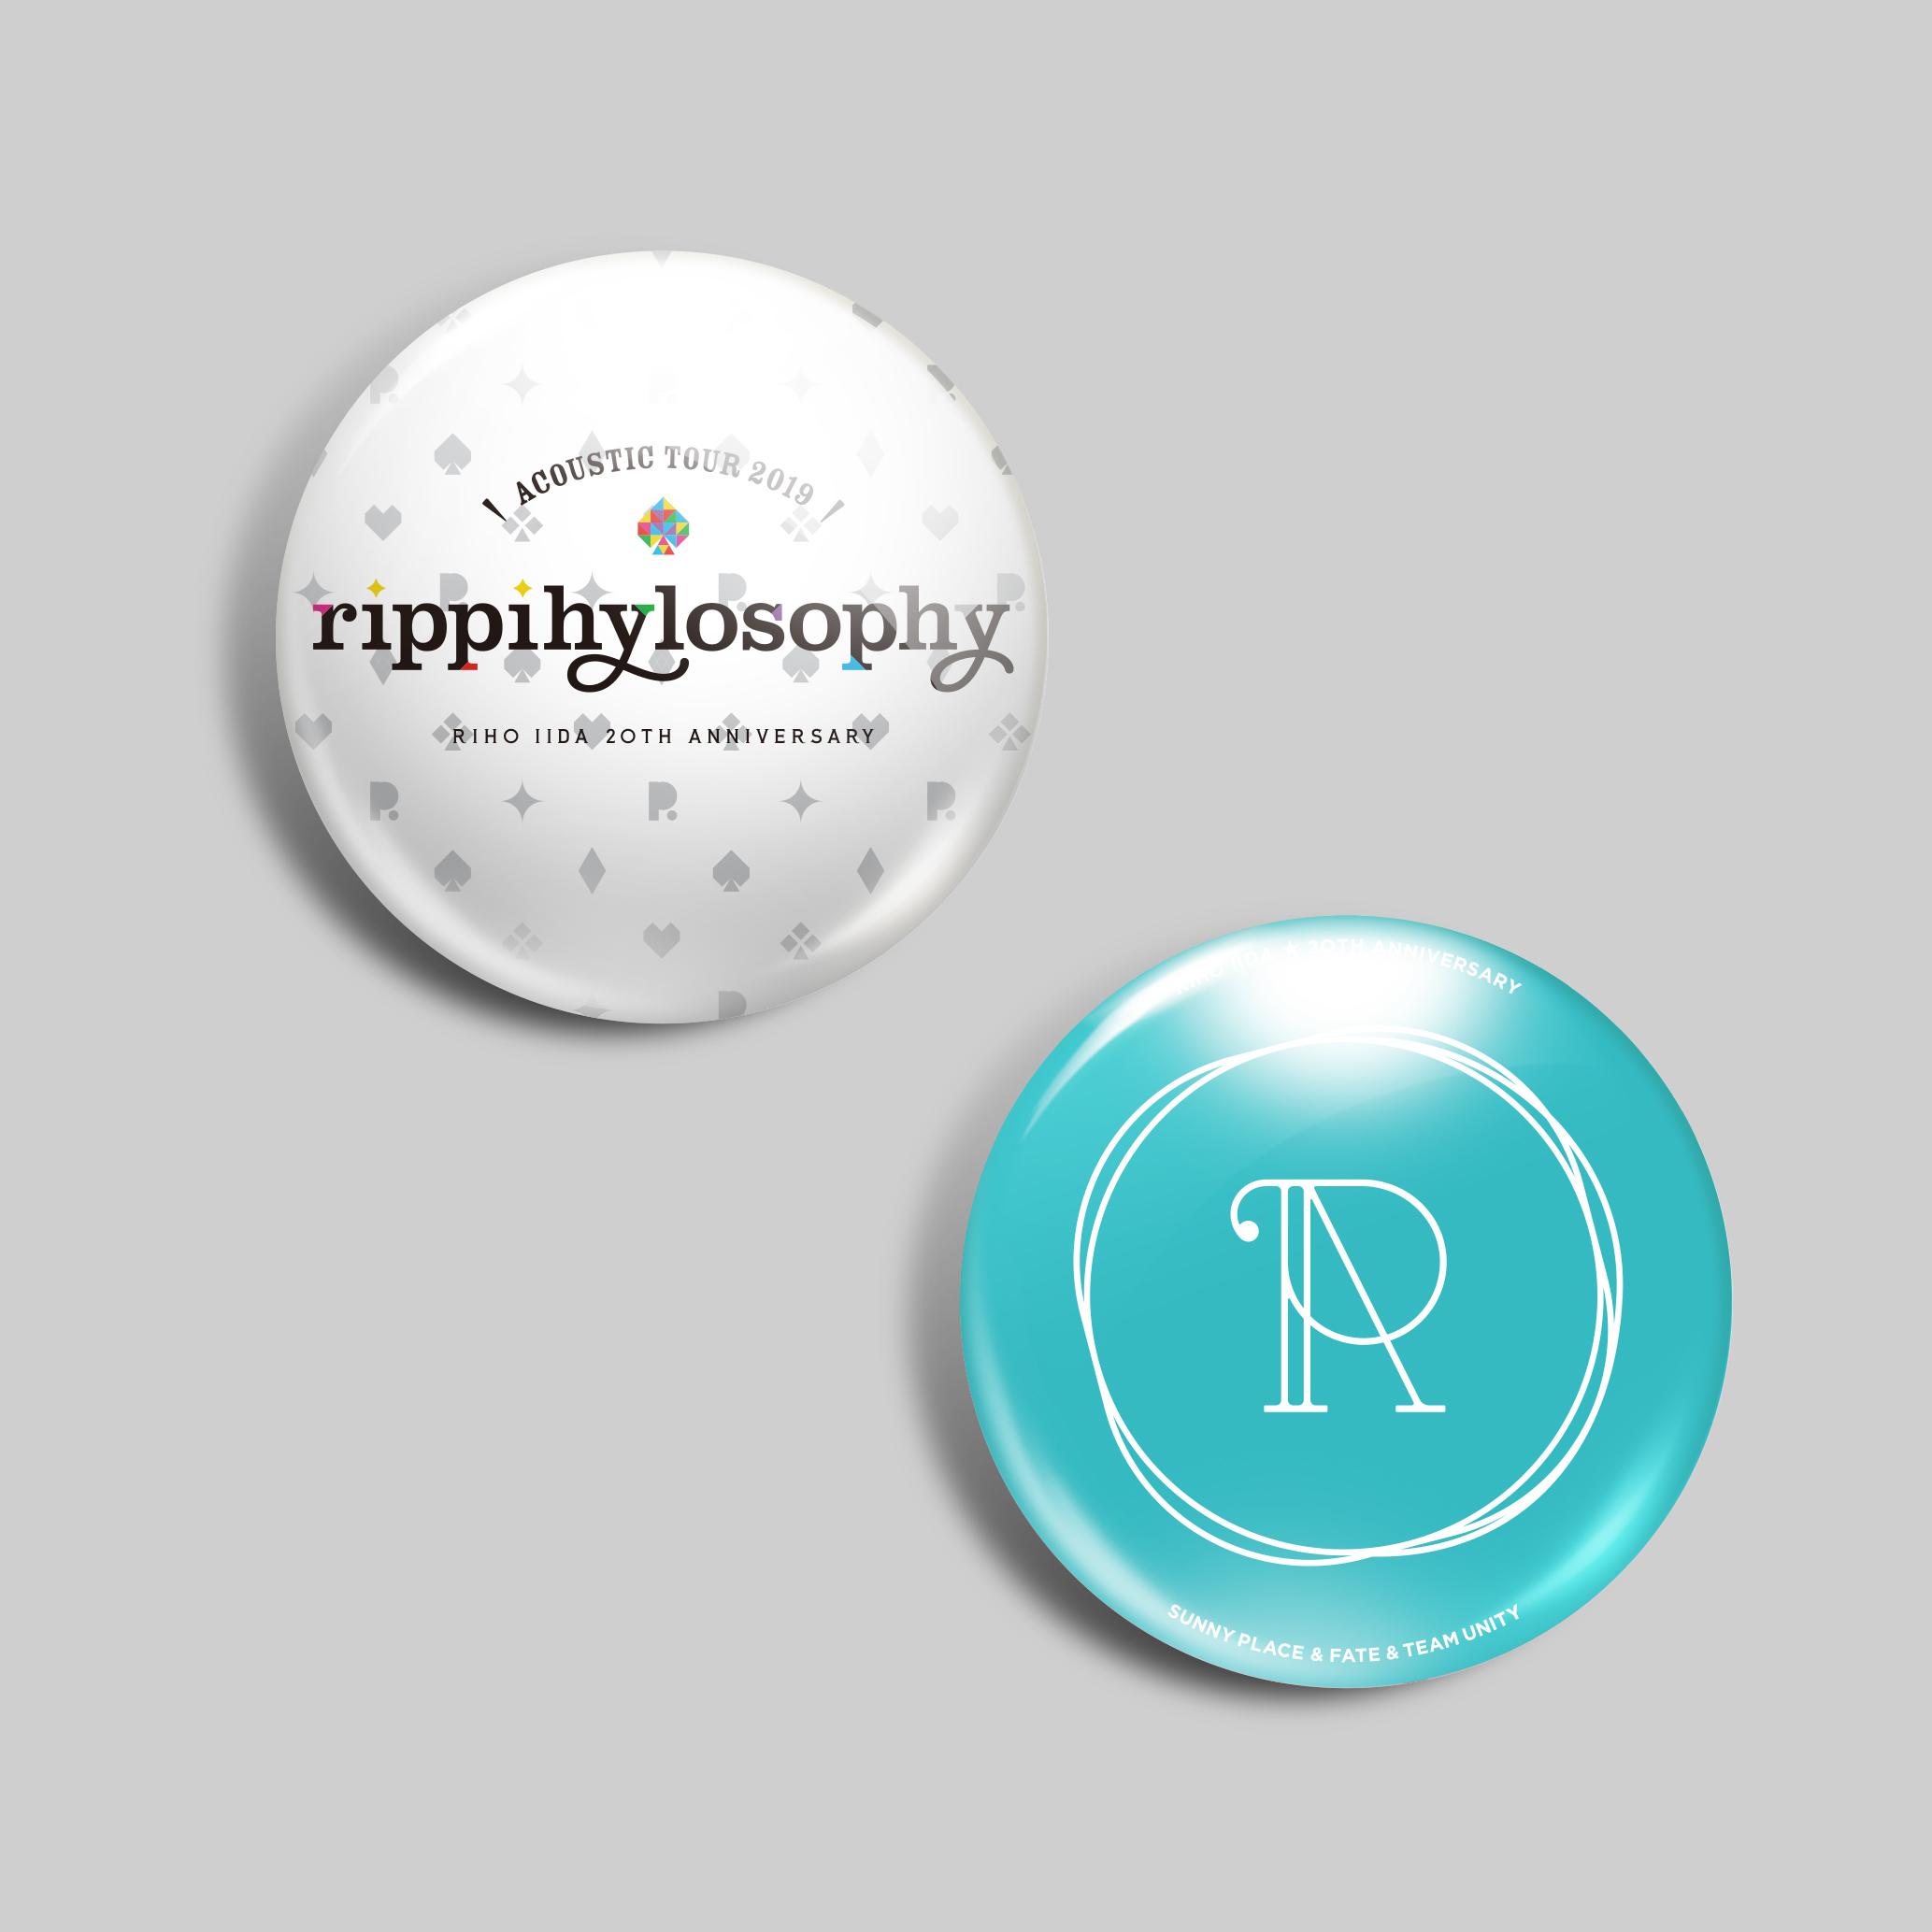 缶バッジ (2個セット) -rippihylosophy- spade